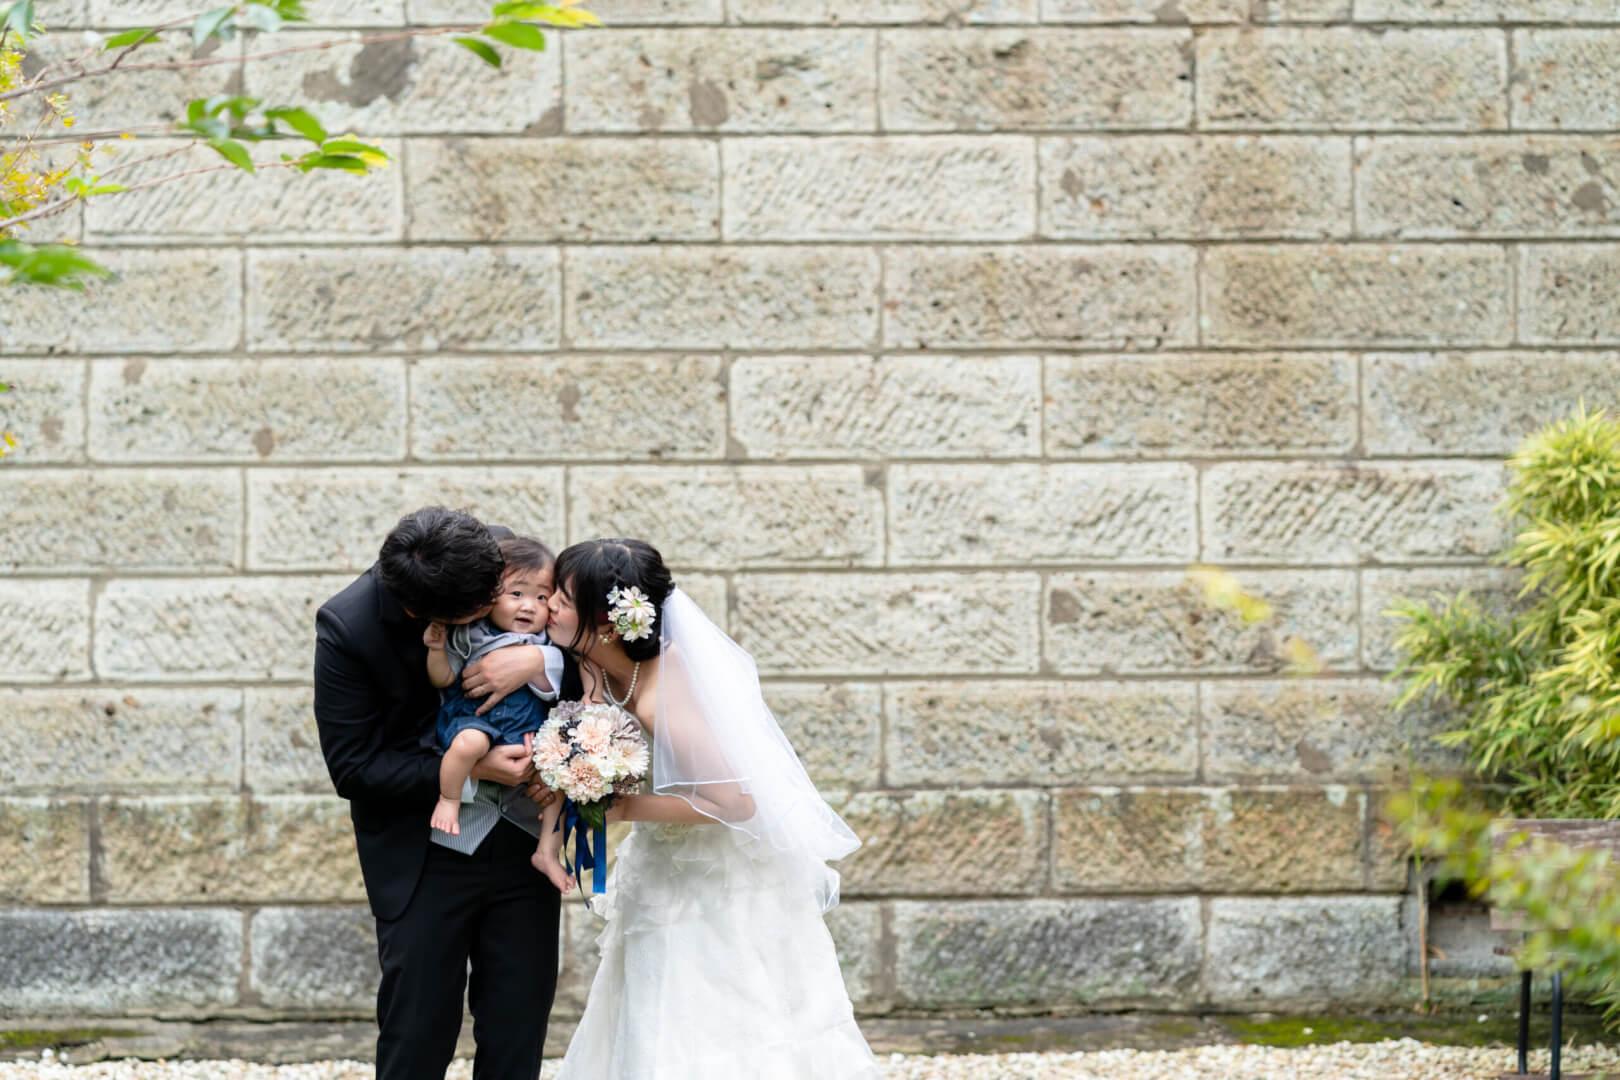 洋装フォトウェディング , 洋装スタジオ撮影, 家族と一緒に撮影, ペットと一緒に撮影, 埼玉前撮り,